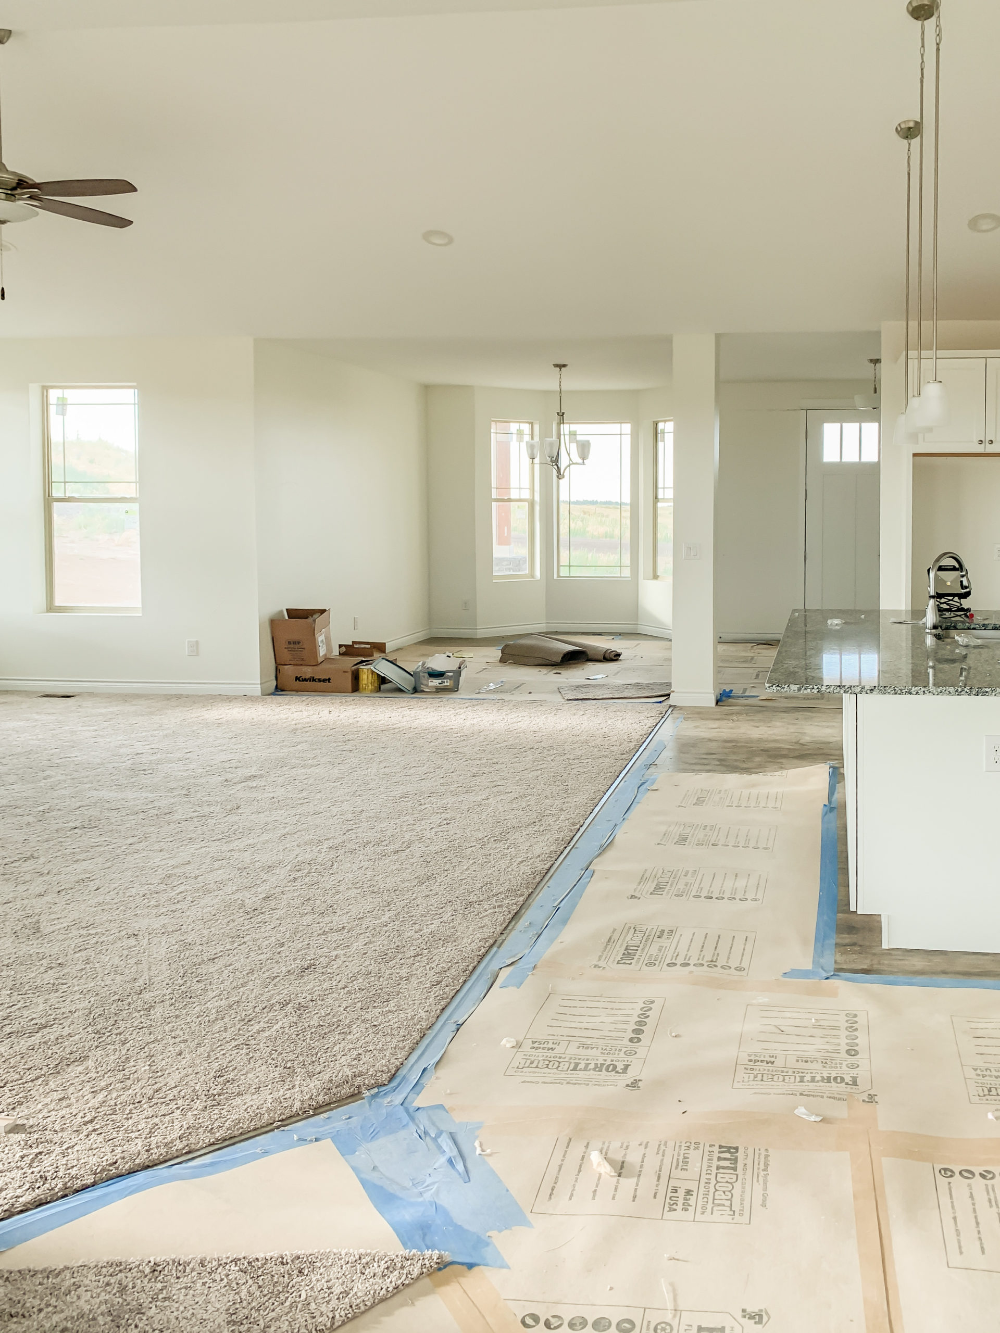 Wood Floor Options for the New House - Sarah Joy